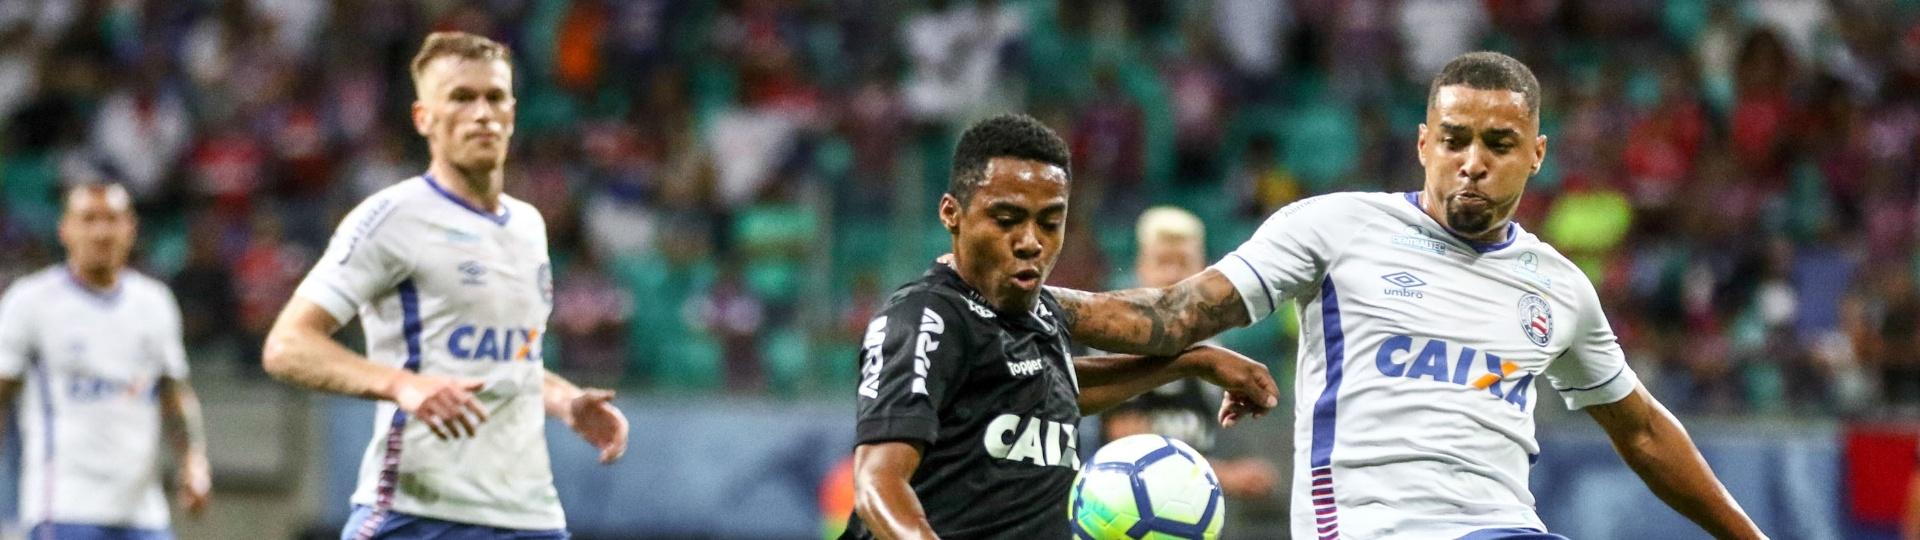 Elias tenta o chute a gol na partida entre Bahia e Atlético-MG